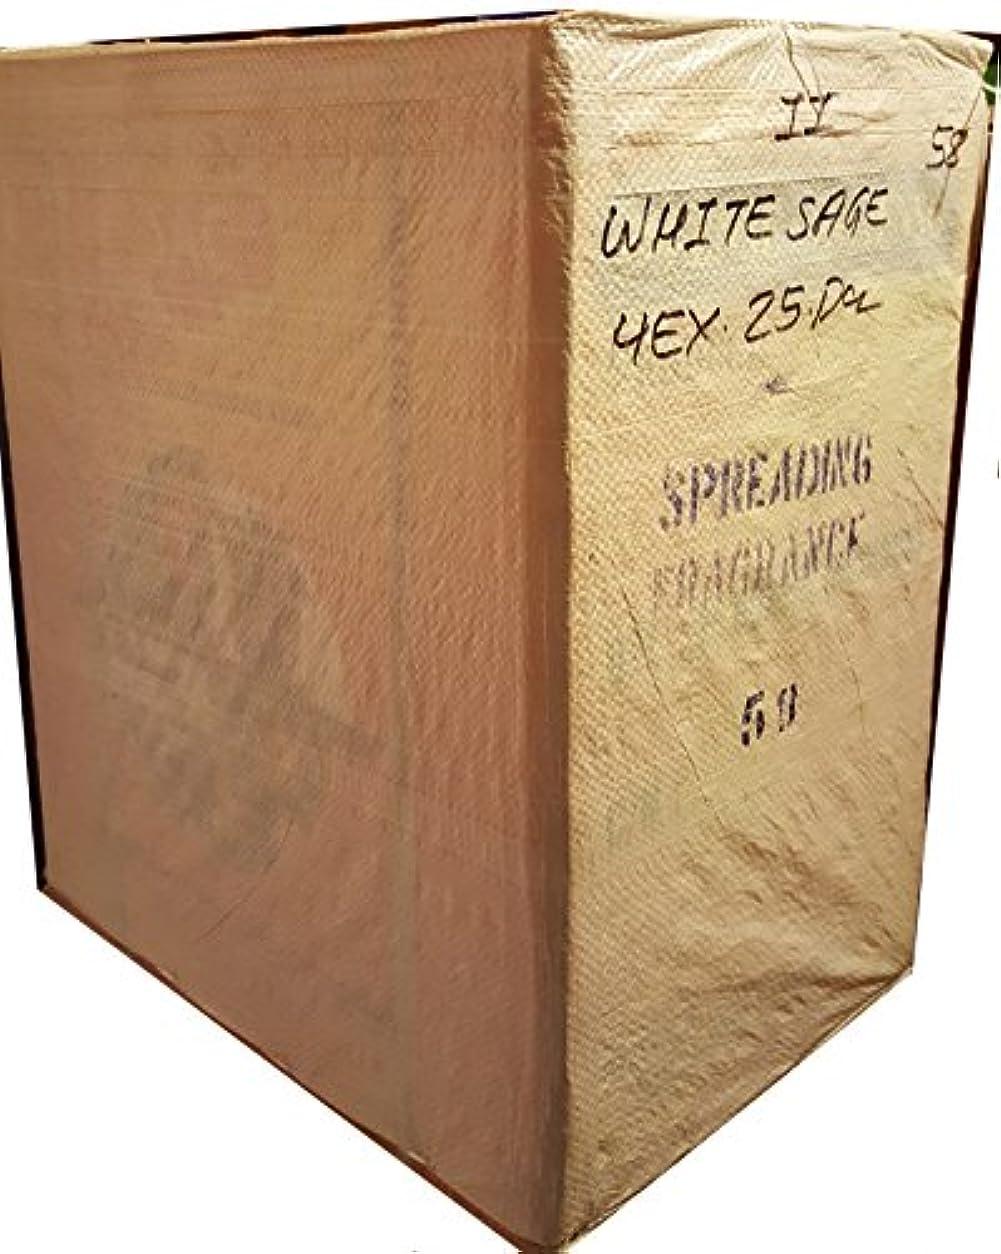 記念碑引退した固体JBJ Sacホワイトセージお香ケース50のボックス。